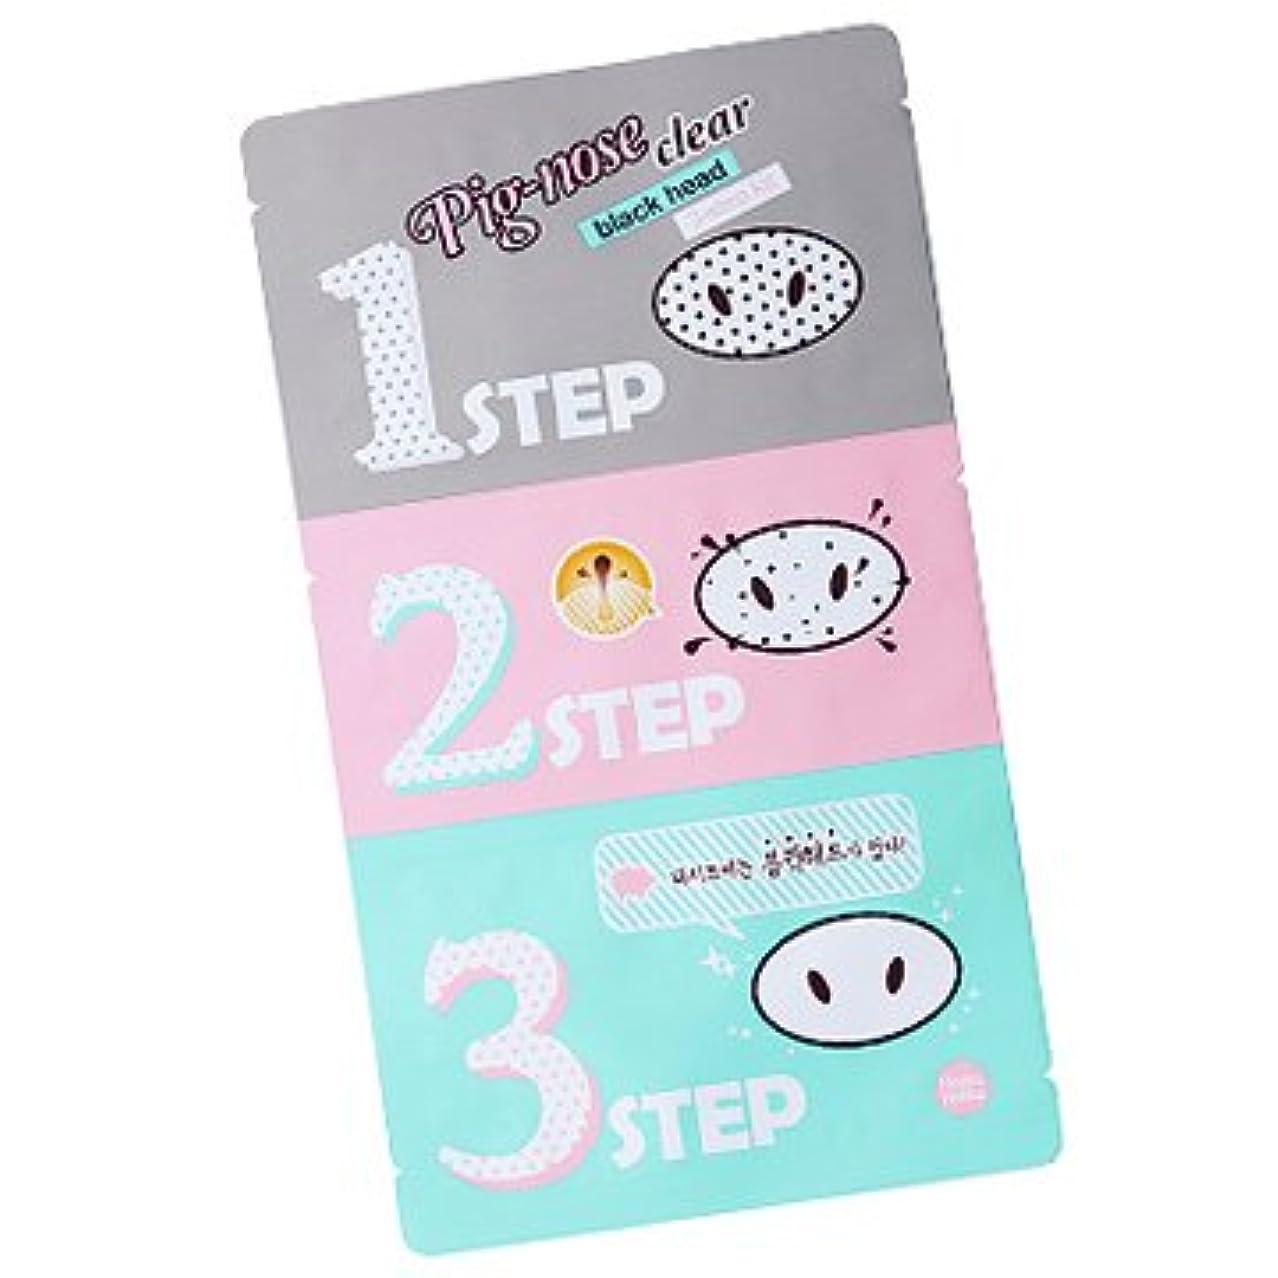 権限を与える任意現実にはHolika Holika Pig Nose Clear Black Head 3-Step Kit 3EA (Nose Pack) ホリカホリカ ピグノーズクリアブラックヘッド3-Stepキット(鼻パック) 3pcs [並行輸入品]